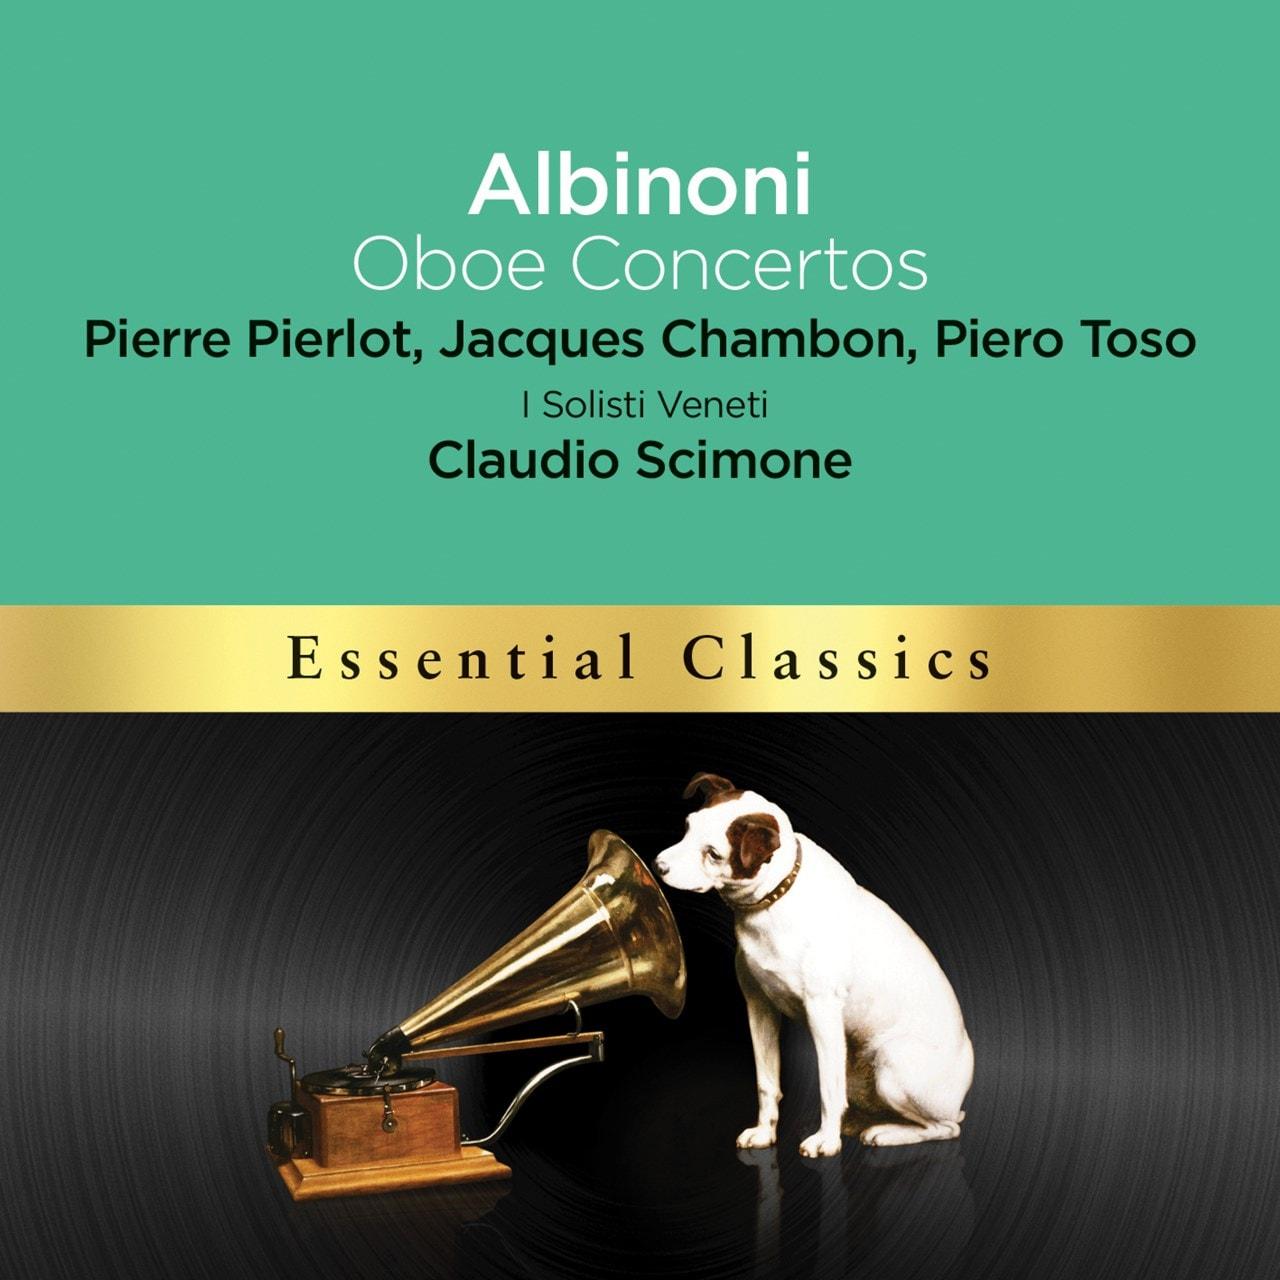 Albinoni: Oboe Concertos - 1